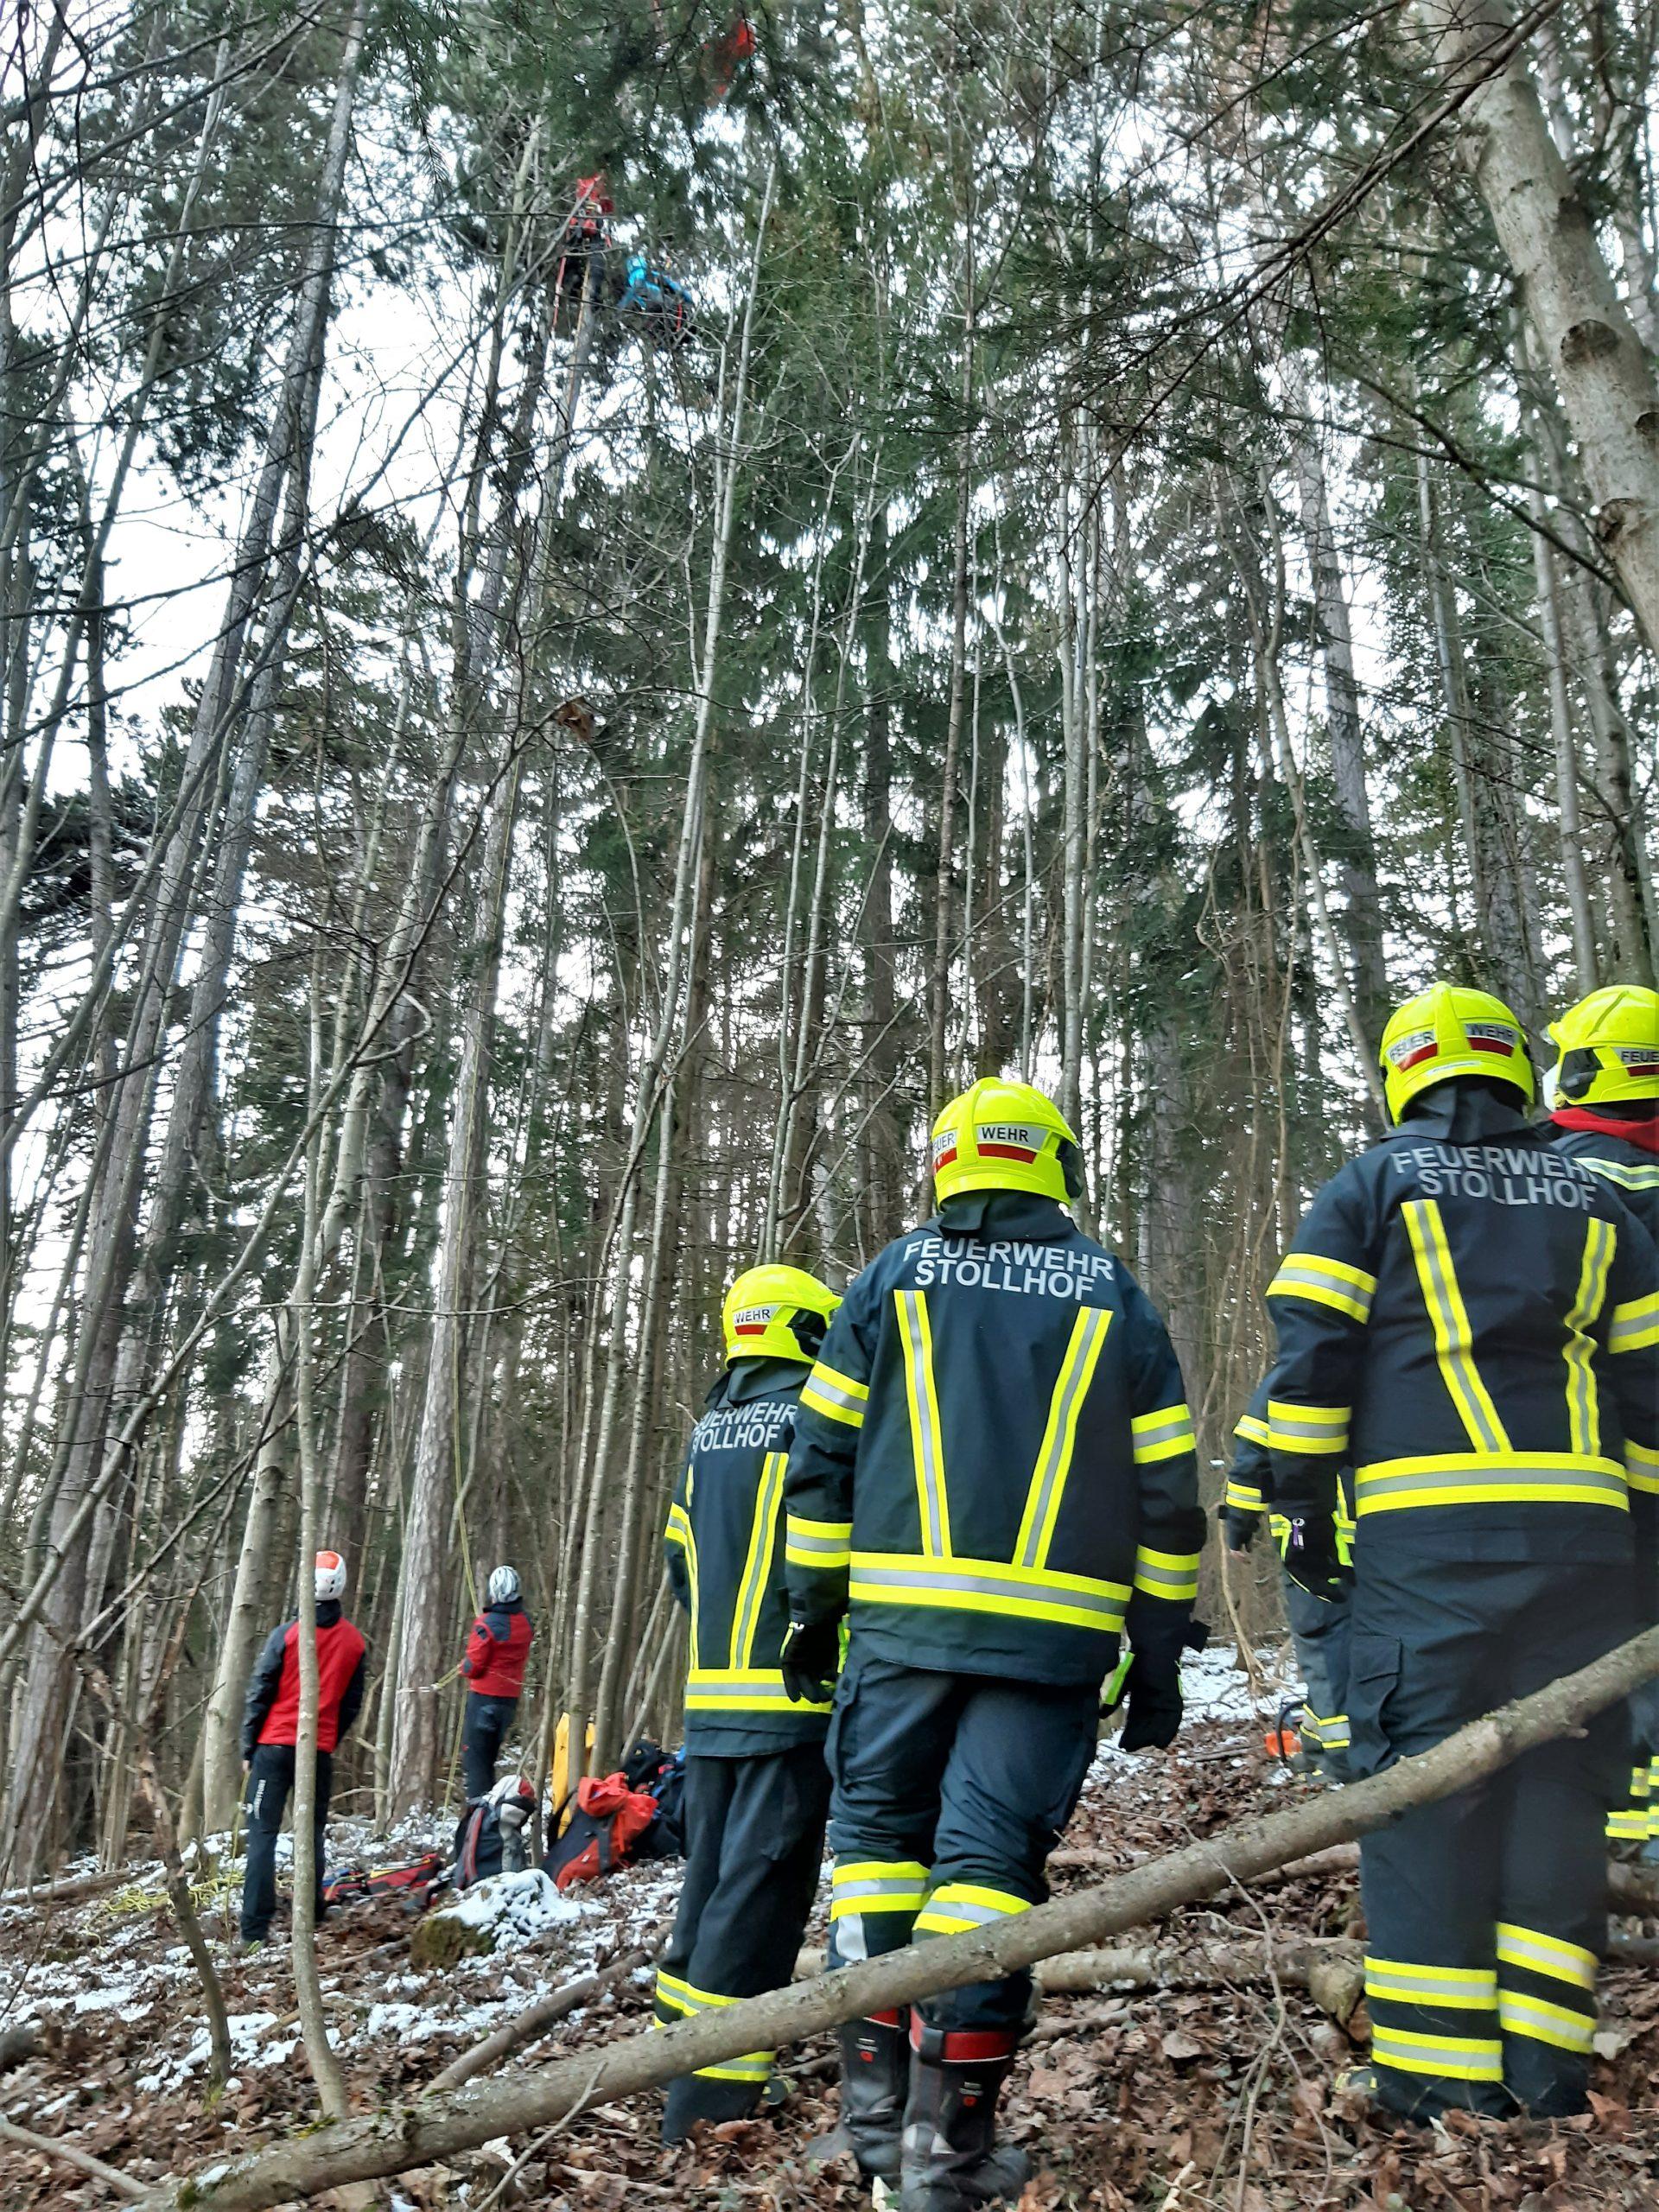 Hohe Wand: Bergretter holten Paragleiterin nach Absturz vom Baum